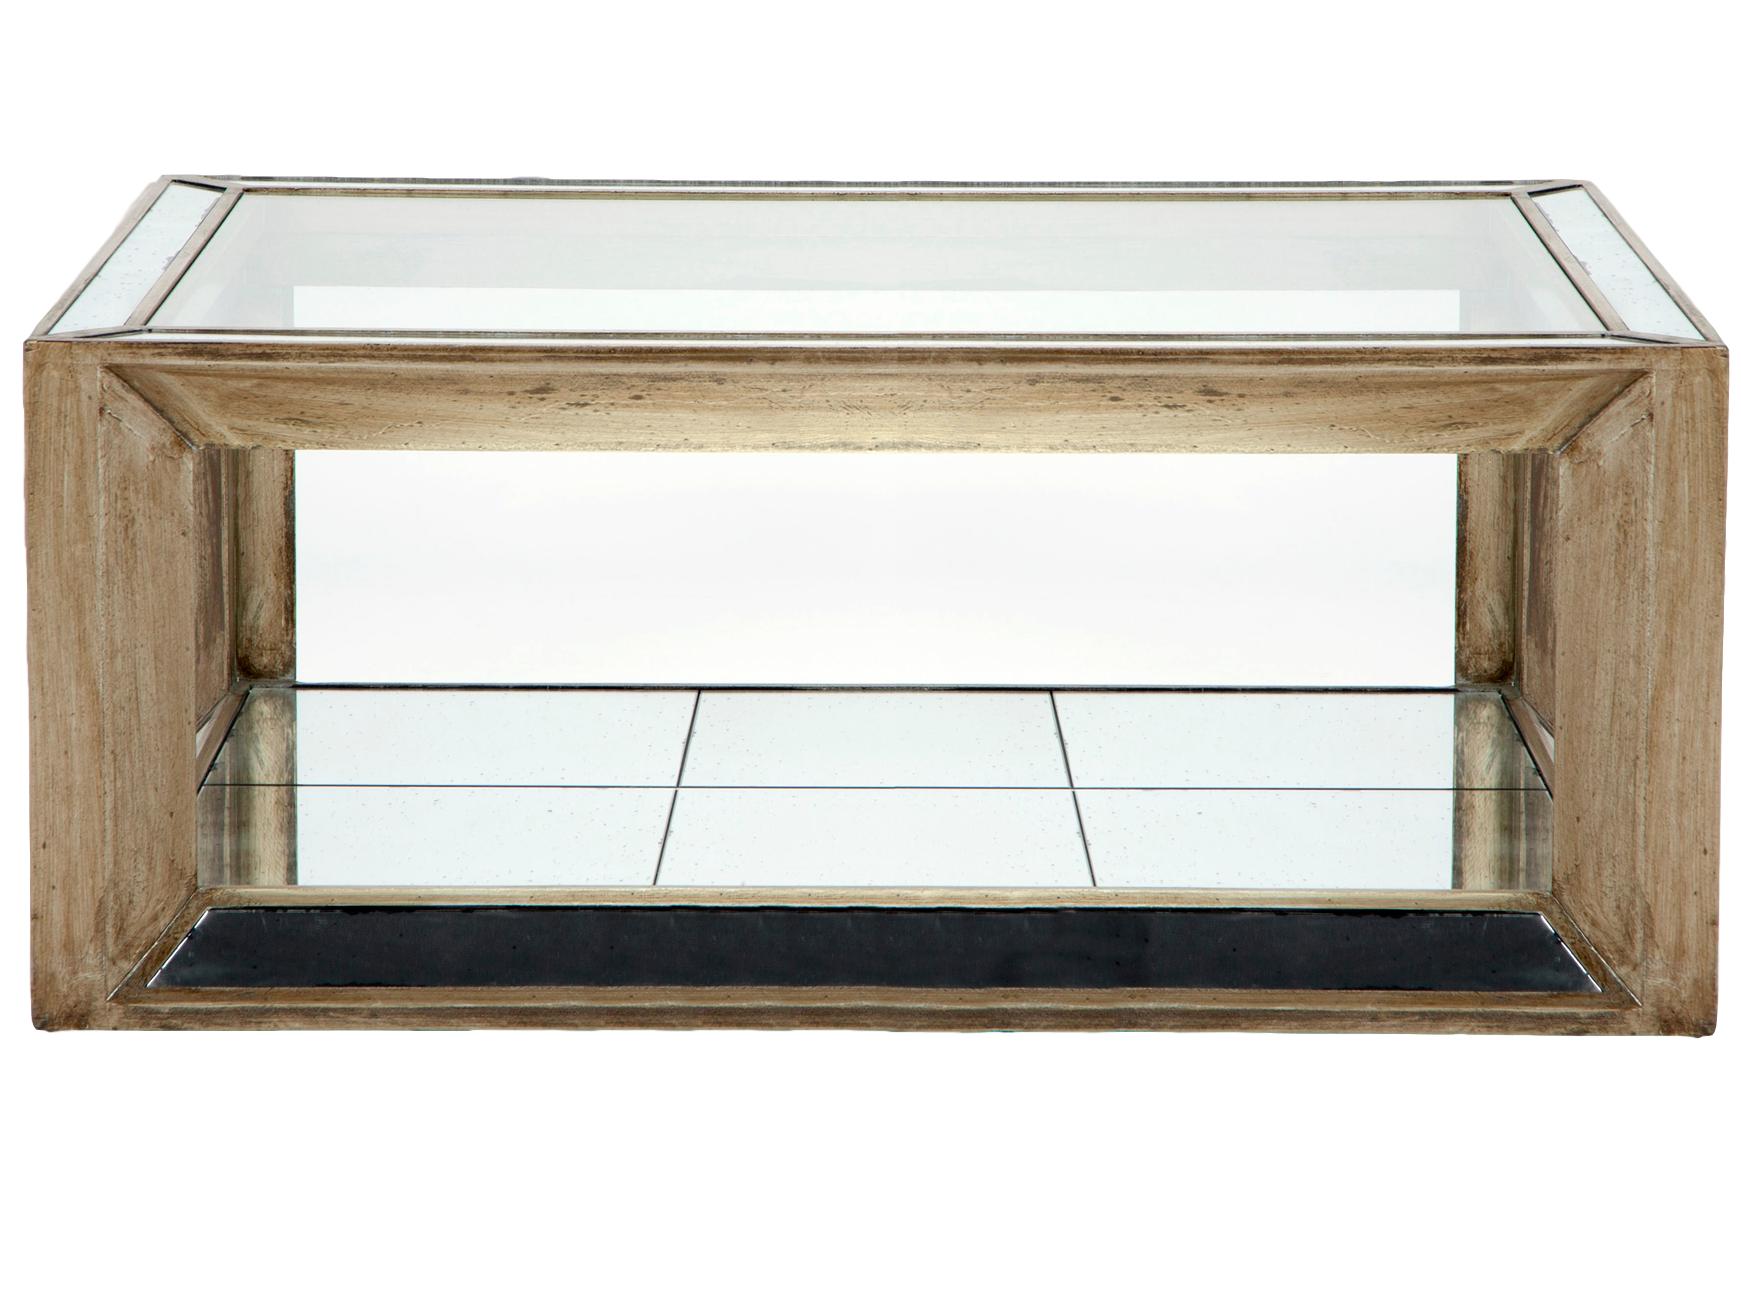 Стол кофейныйКофейные столики<br>Стол кофейный прямоугольный, декорирован вставками из зеркал. Столешница из прозрачного стекла.<br><br>Material: Стекло<br>Length см: None<br>Width см: 130<br>Depth см: 90<br>Height см: 52